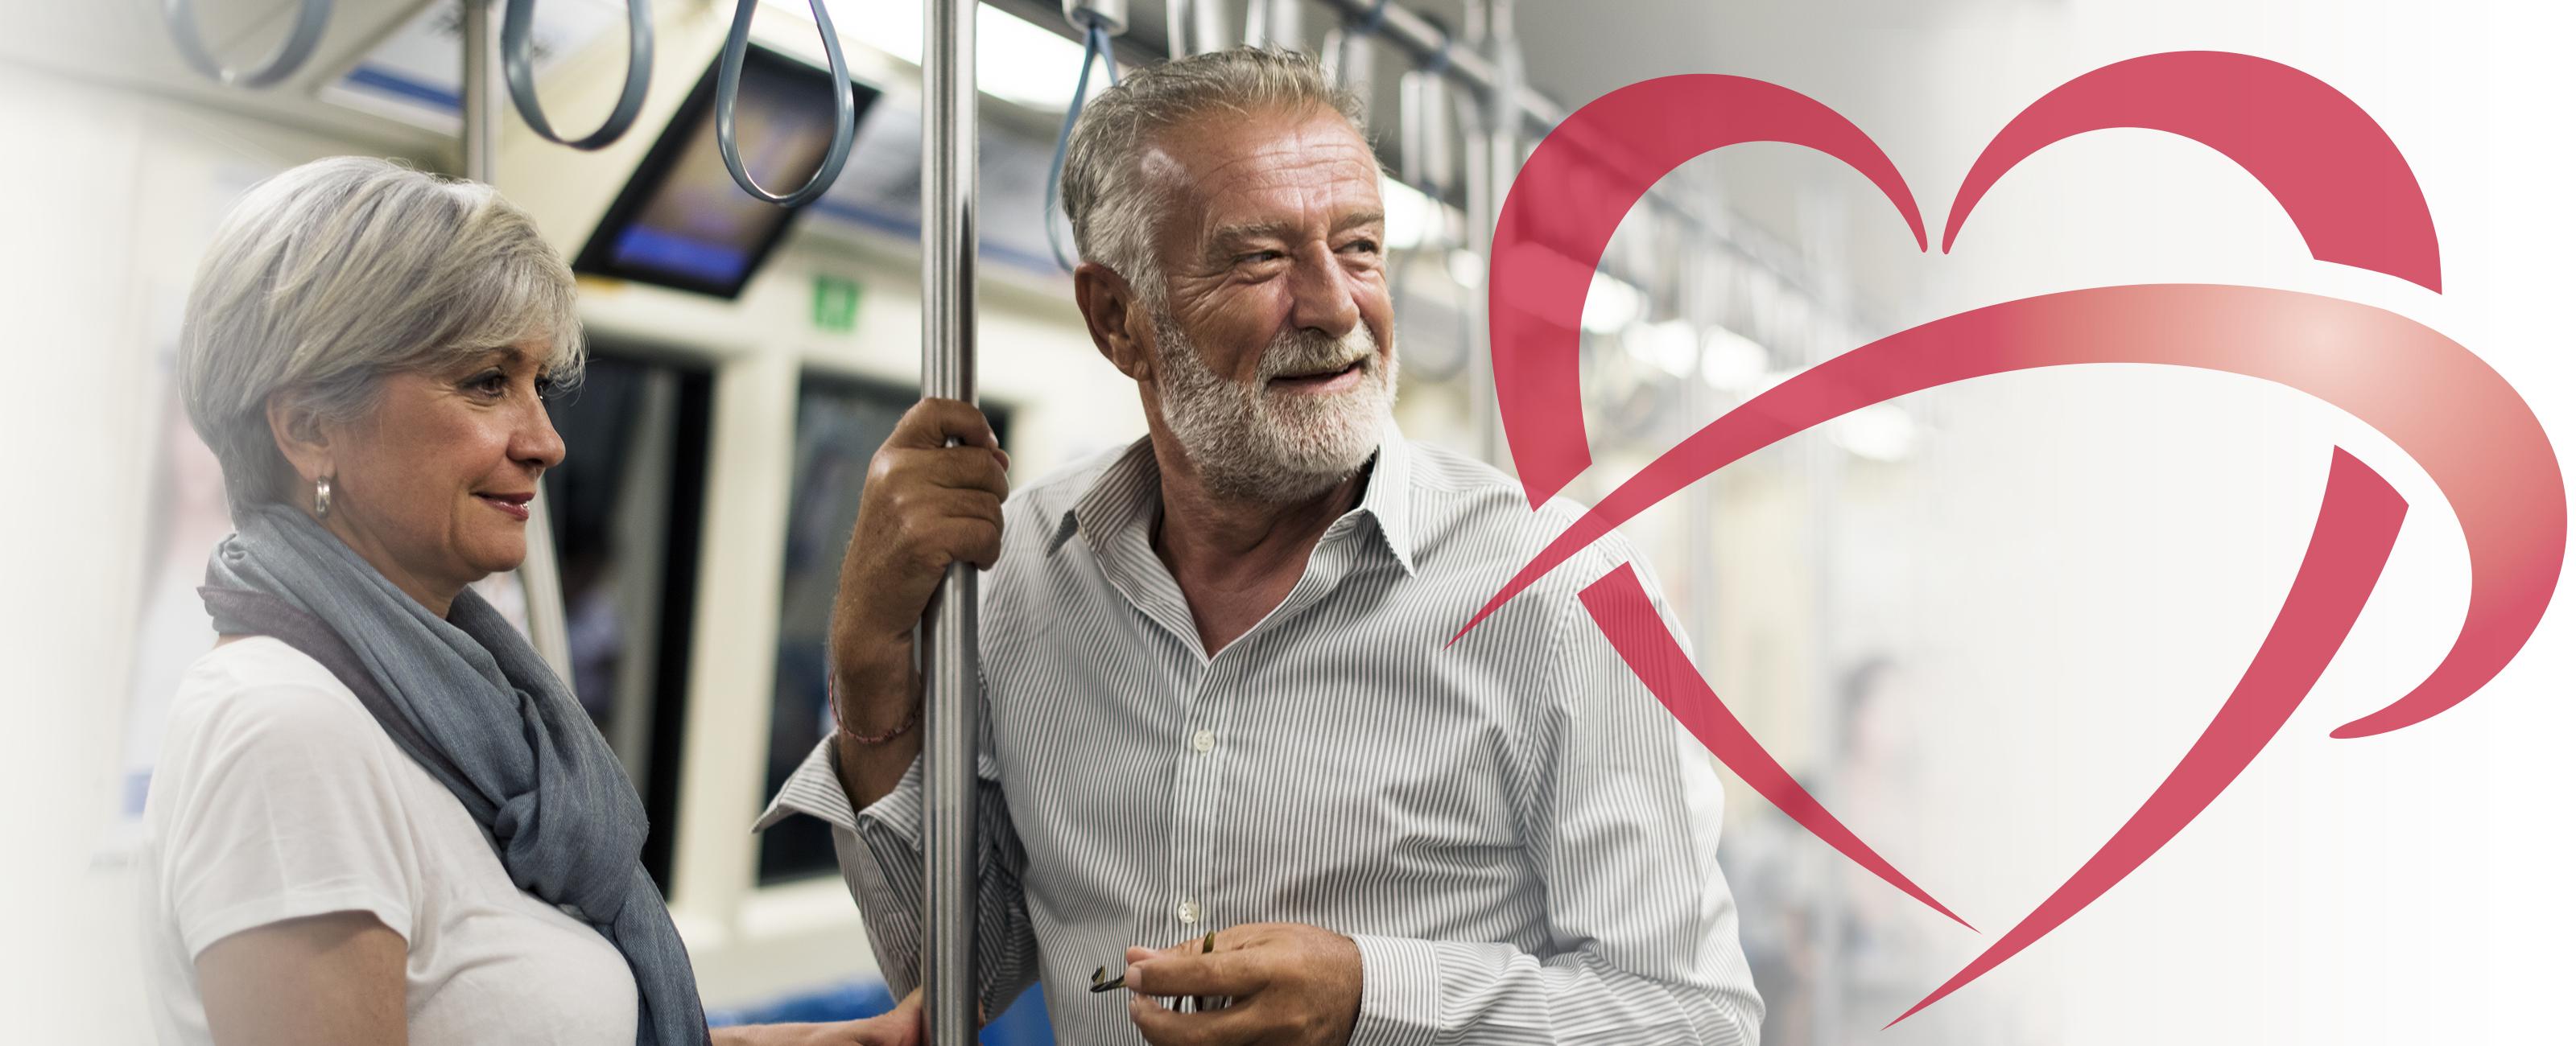 Older couple on subway